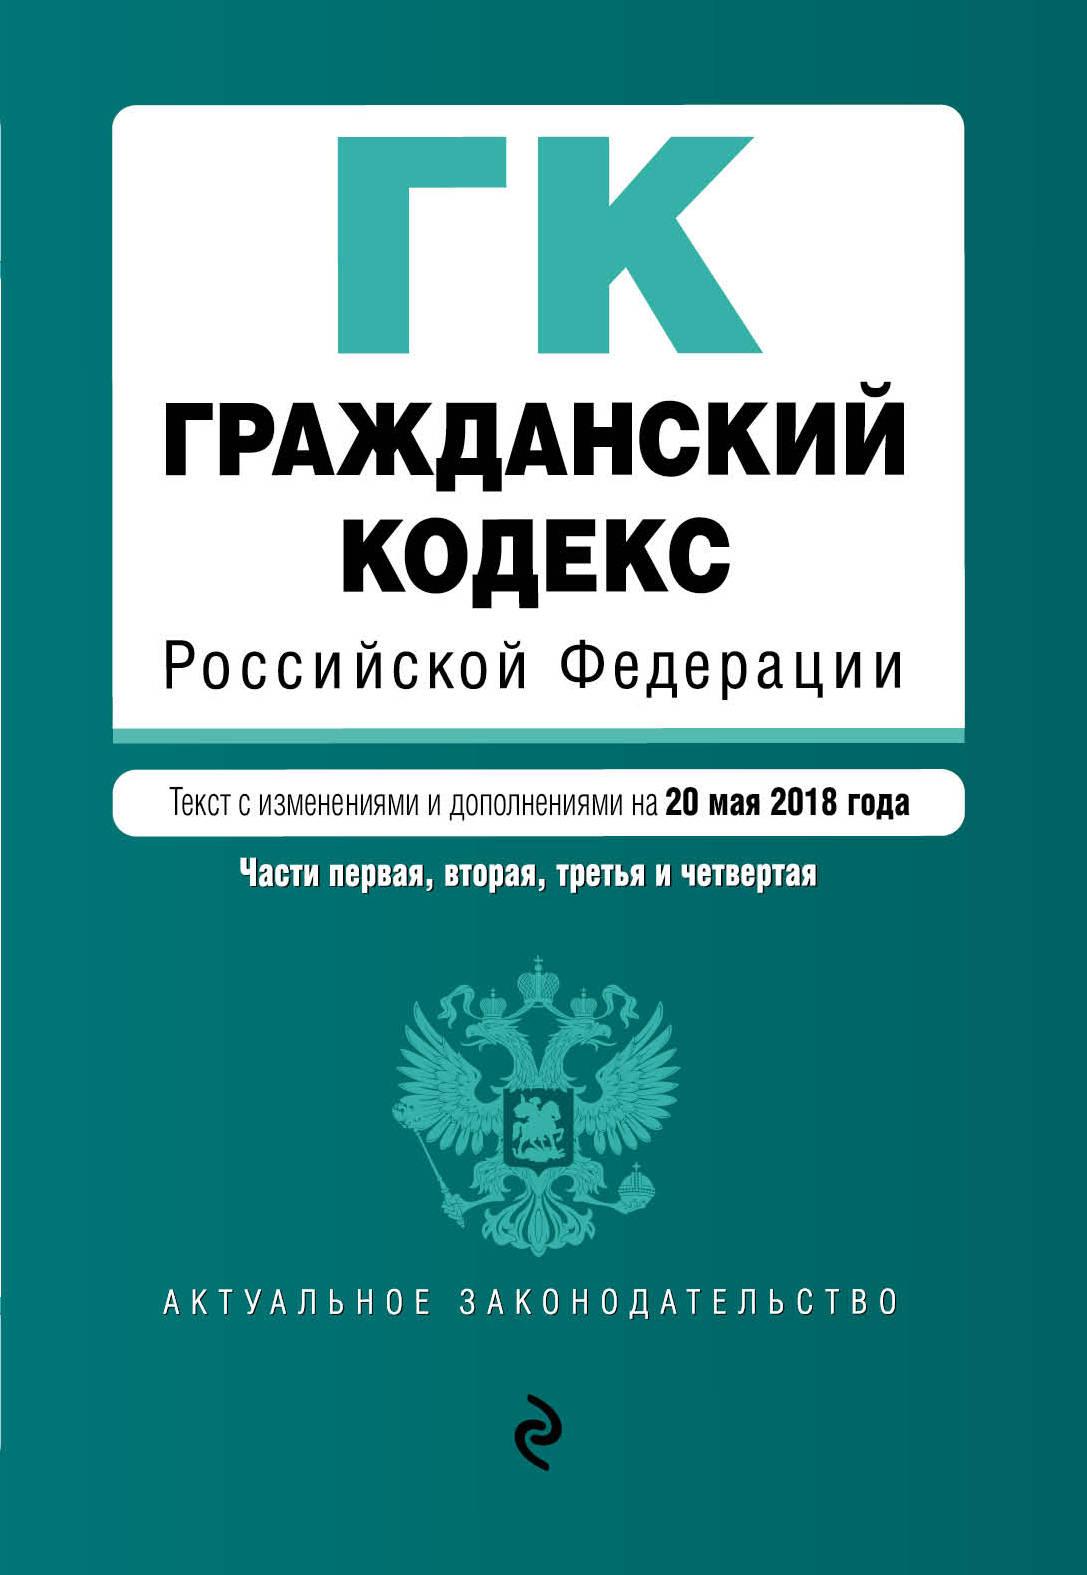 Гражданский кодекс Российской Федерации. Части первая, вторая, третья и четвертая. Текст с изм. и доп. на 20 мая 2018 г.